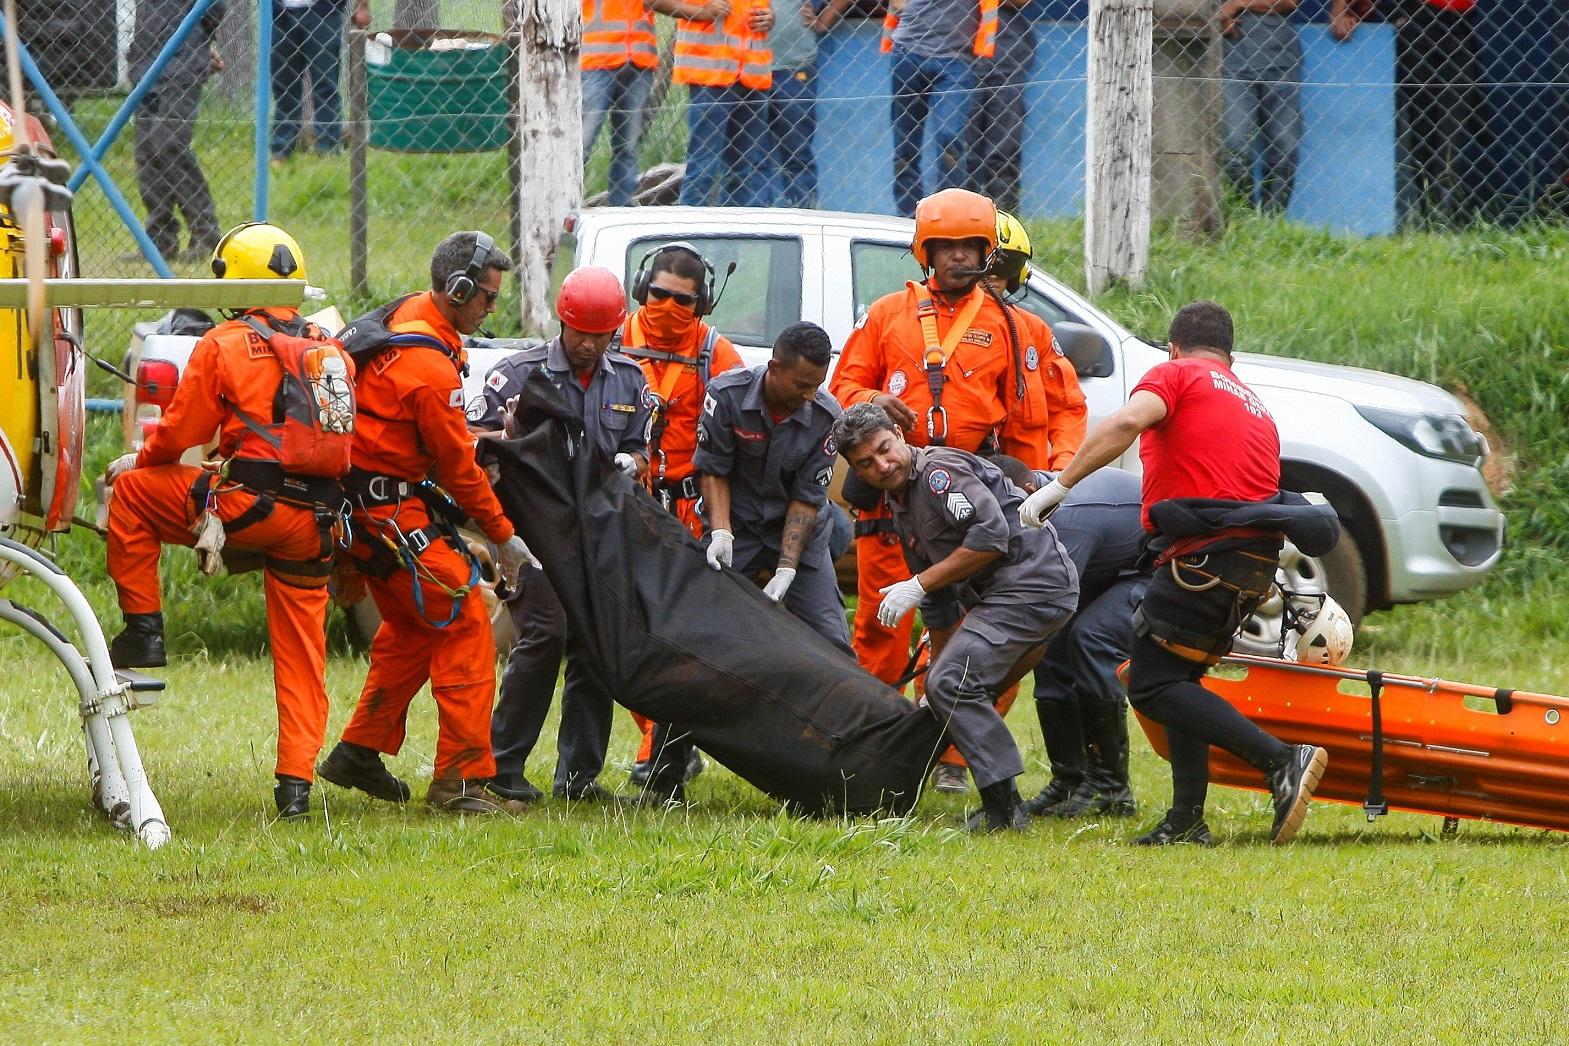 Equipes de resgate carregam os corpos das vítimas da tragédia de Brumadinho. Foto Lucas Bois/Anadolu Agency